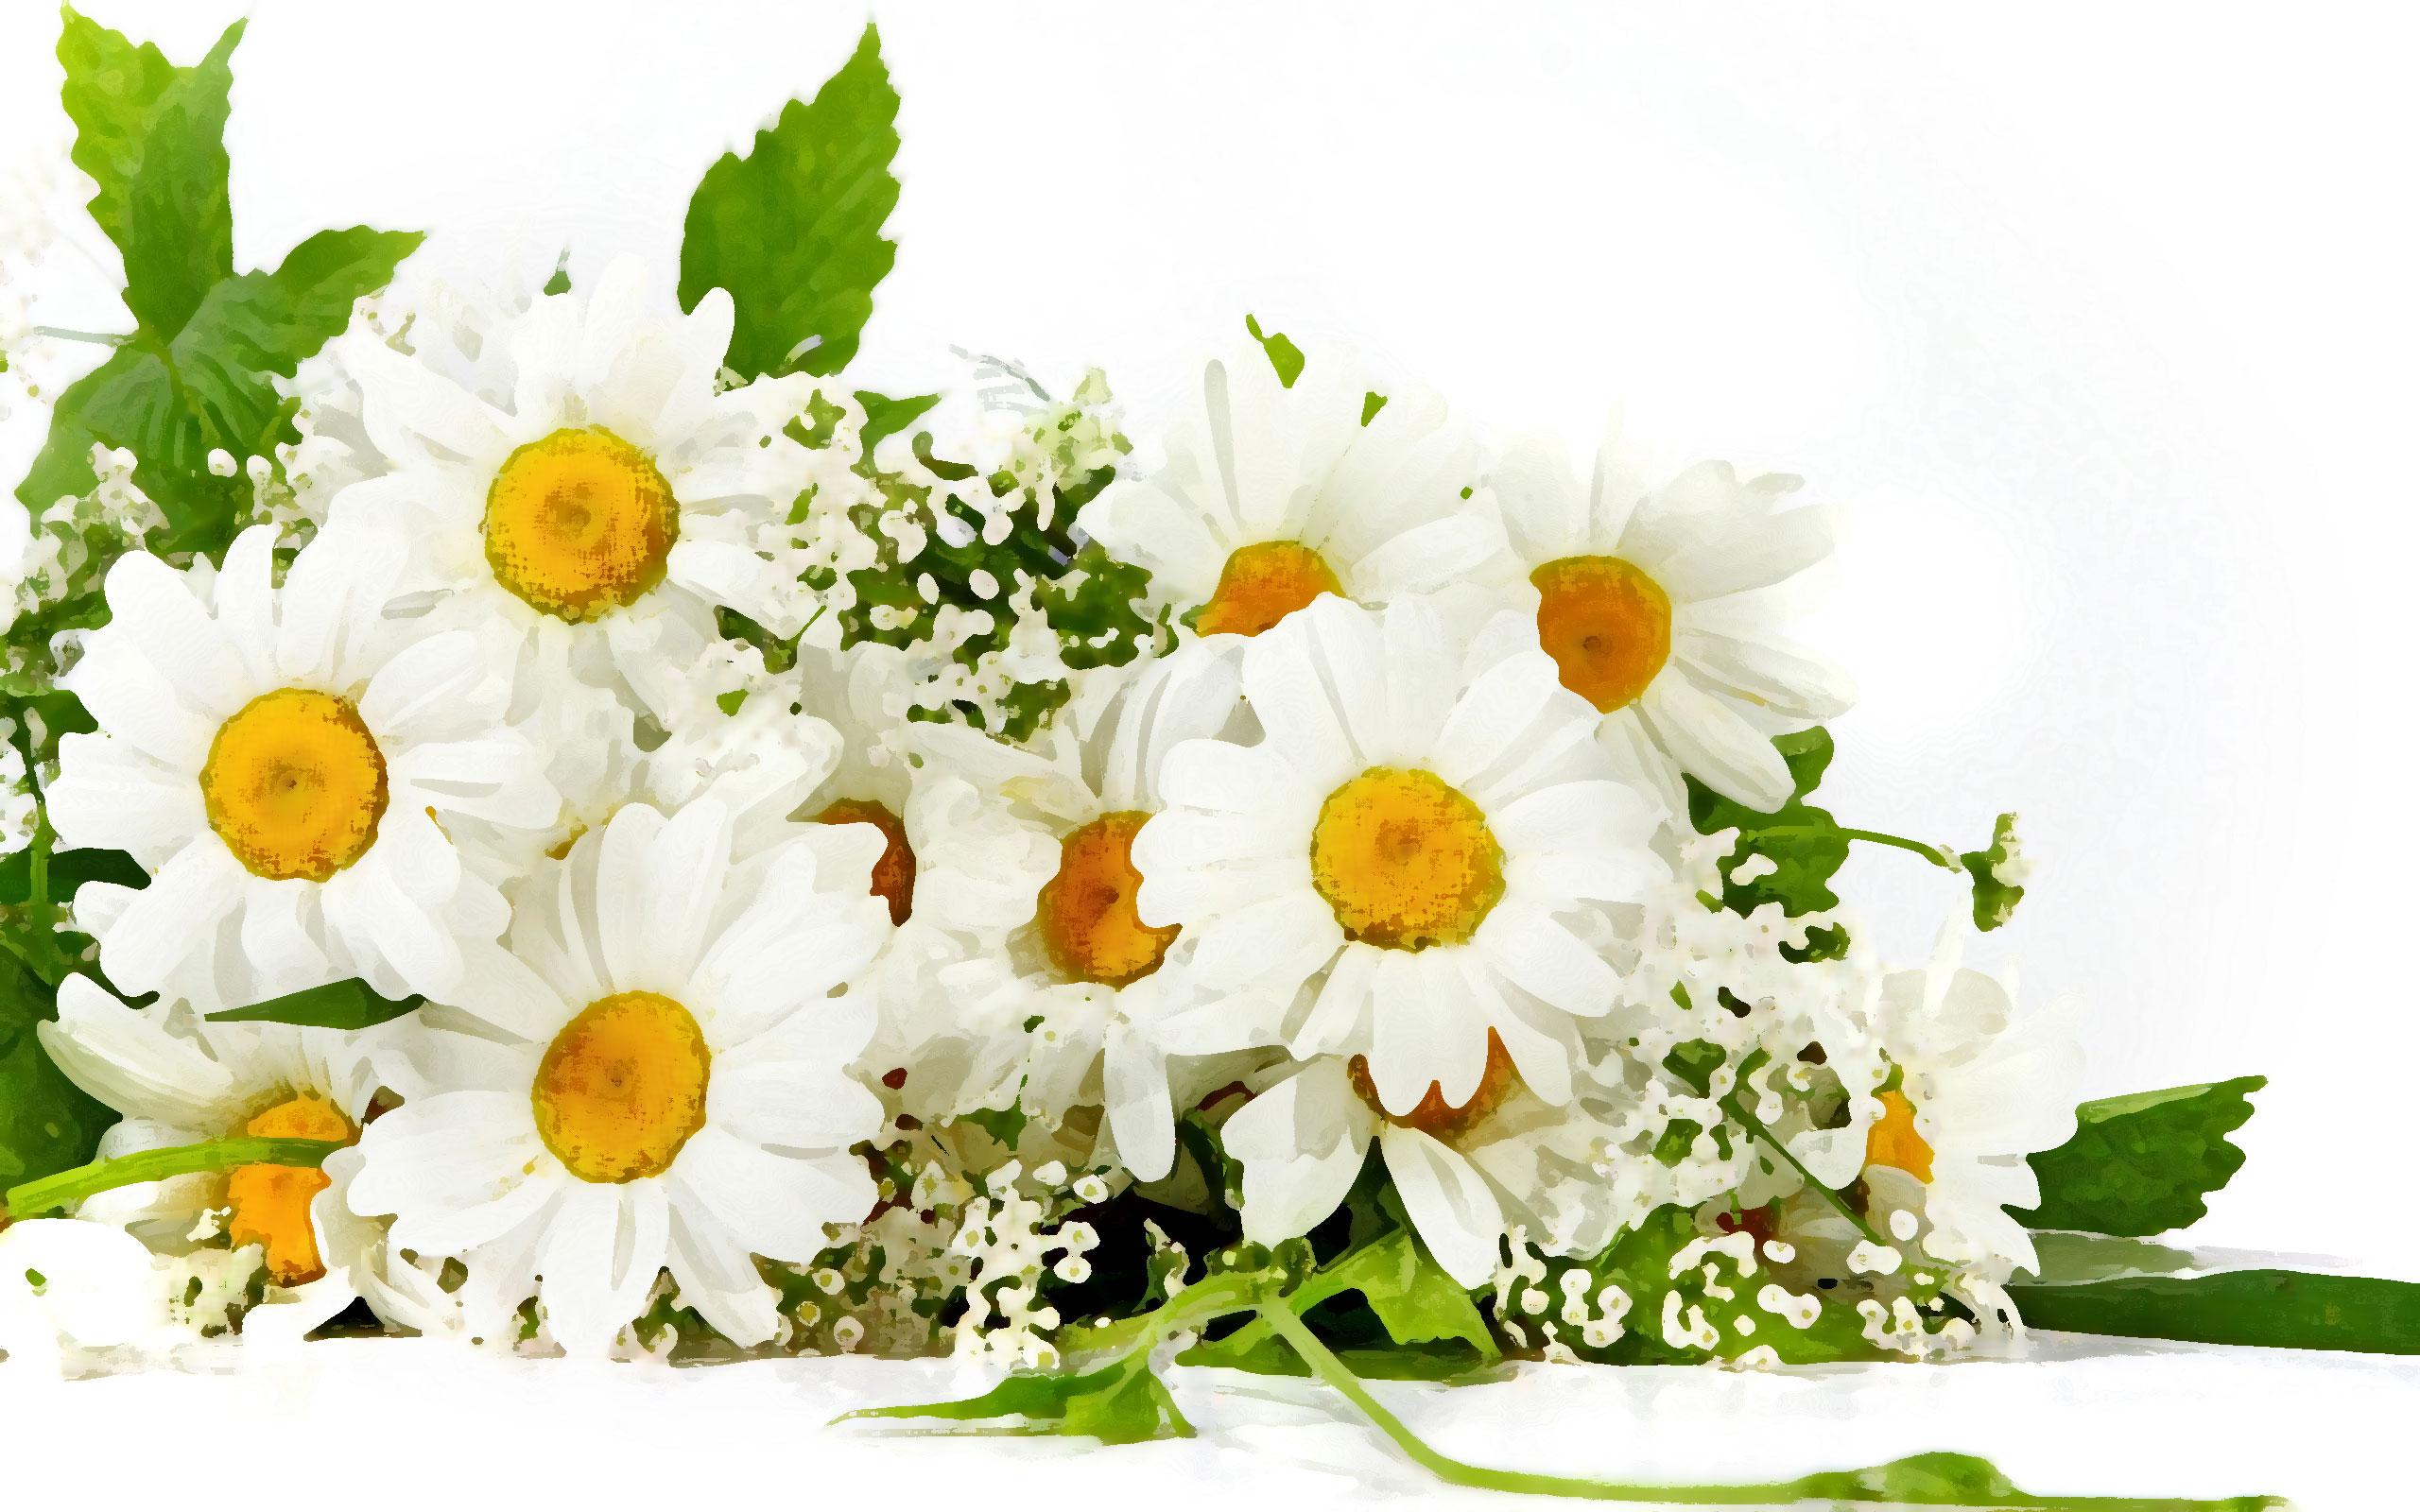 白いの花のイラスト・フリー素材/背景・壁紙no.459『白い花・束』